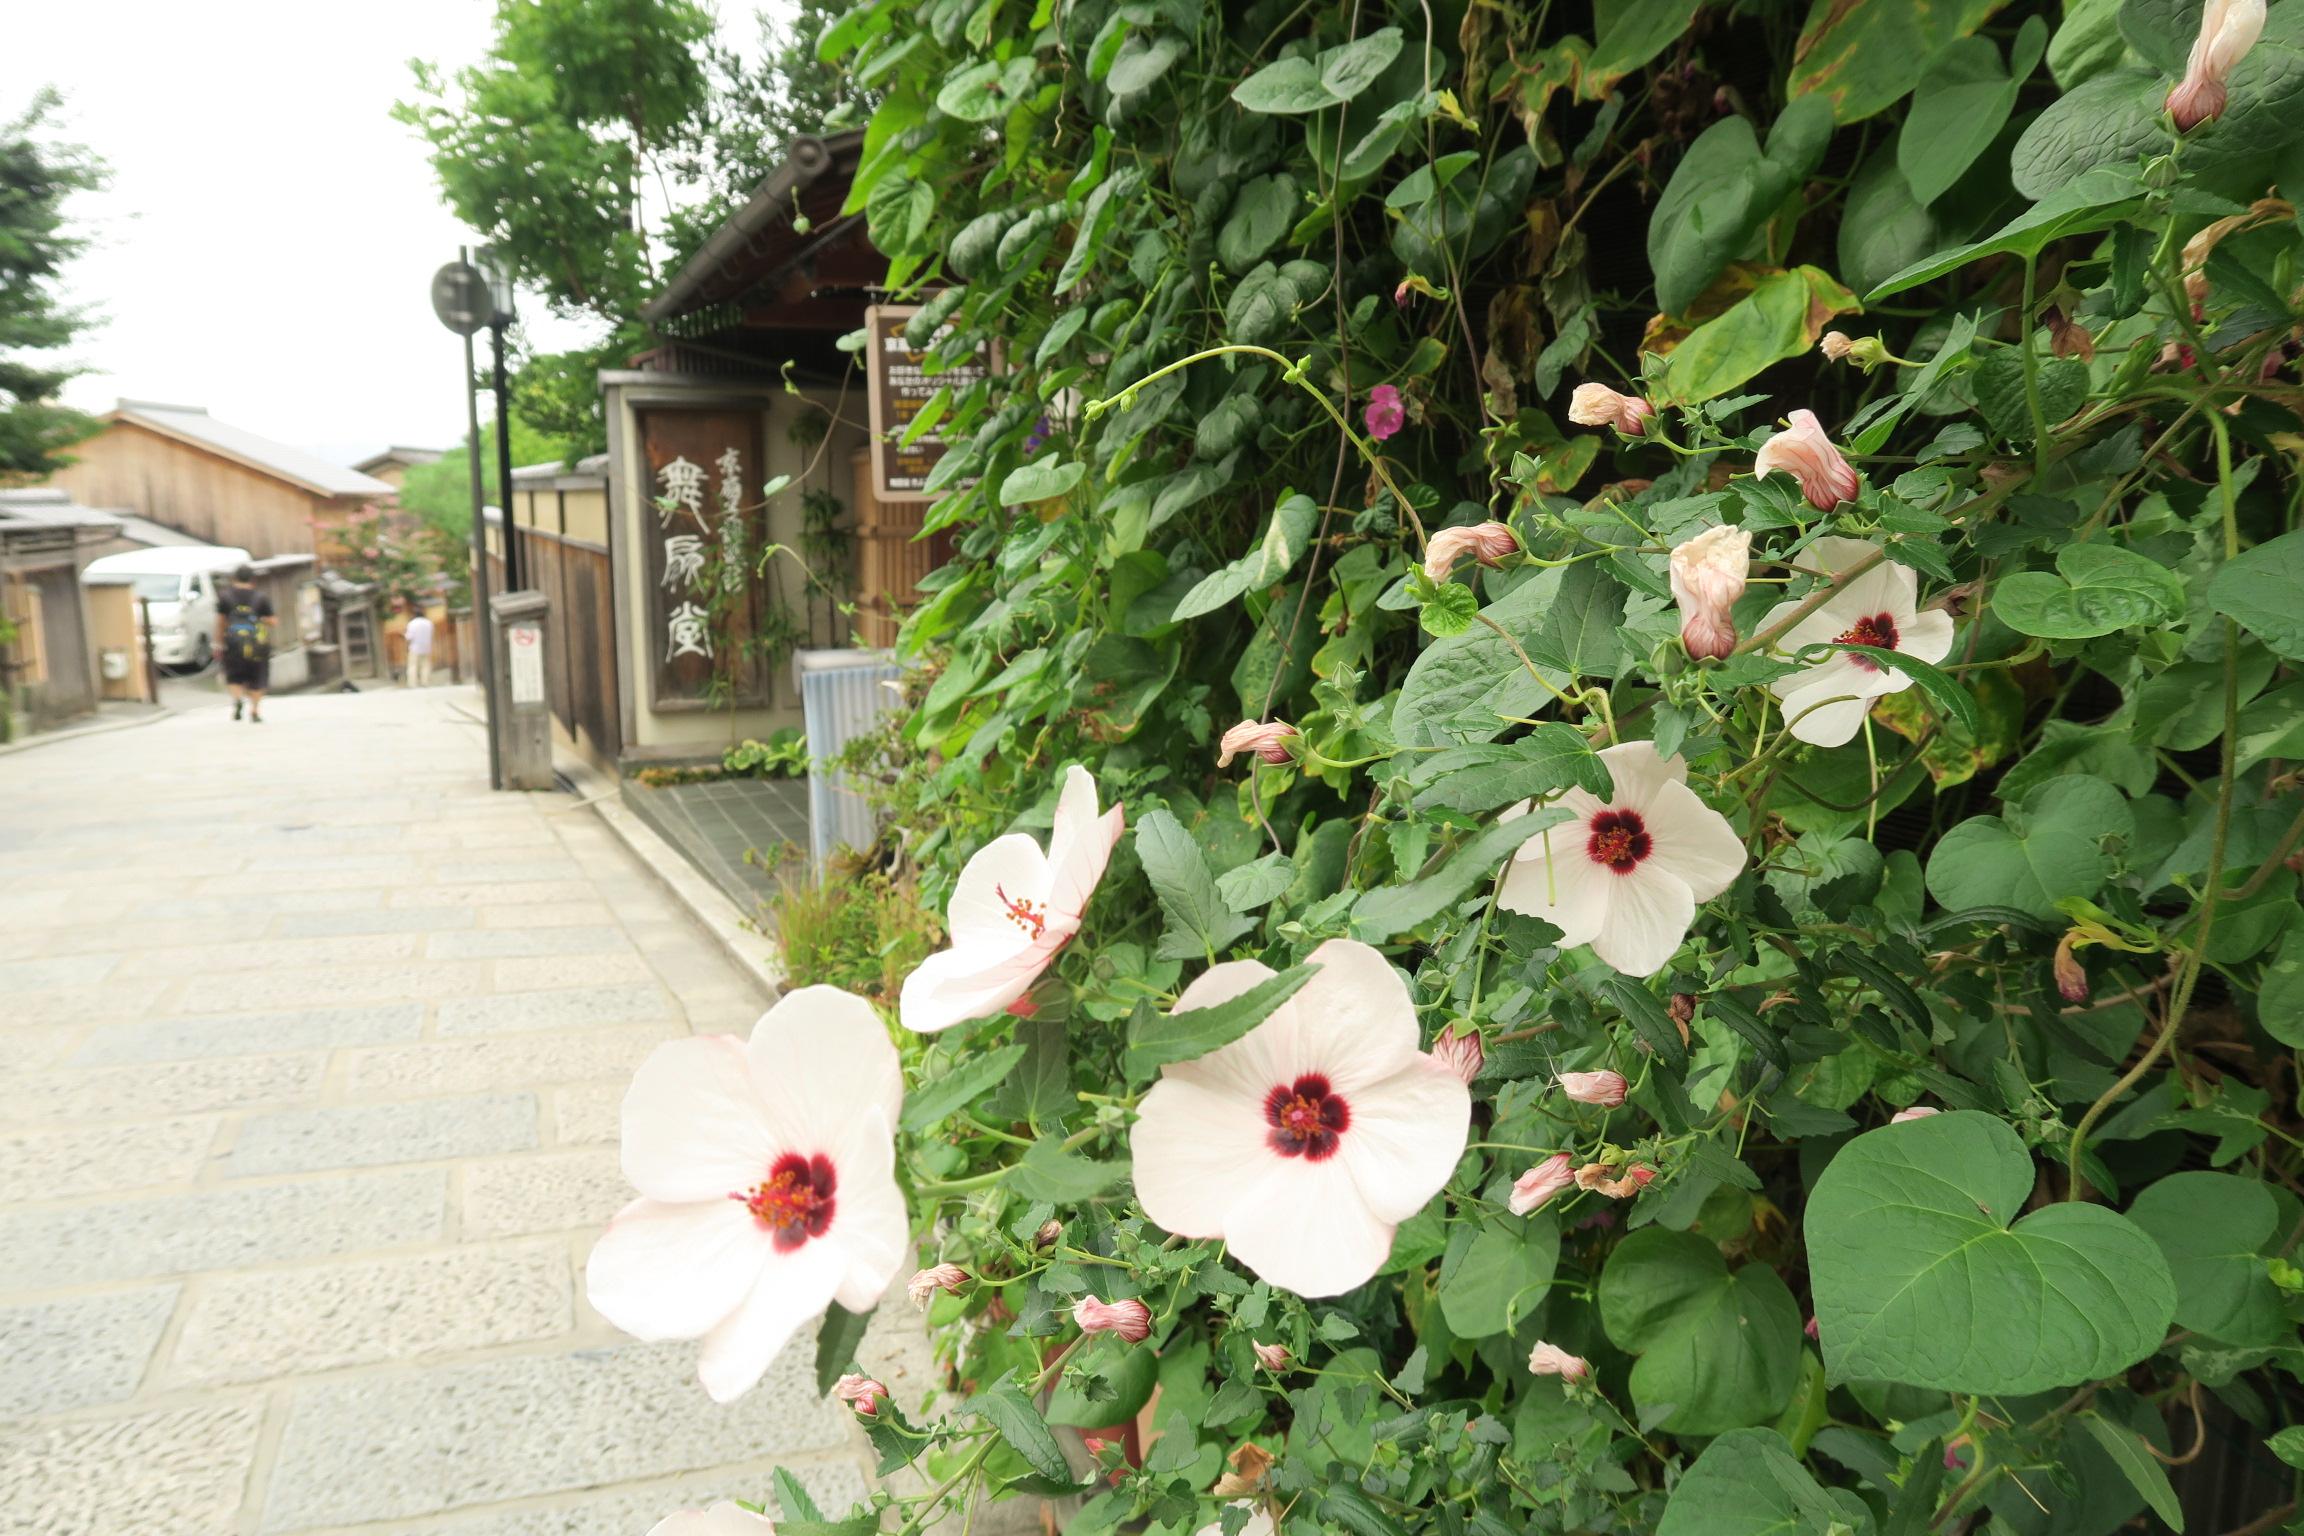 玄関先の咲く芙蓉の花。暑さをしのぐ緑のカーテンもありました。